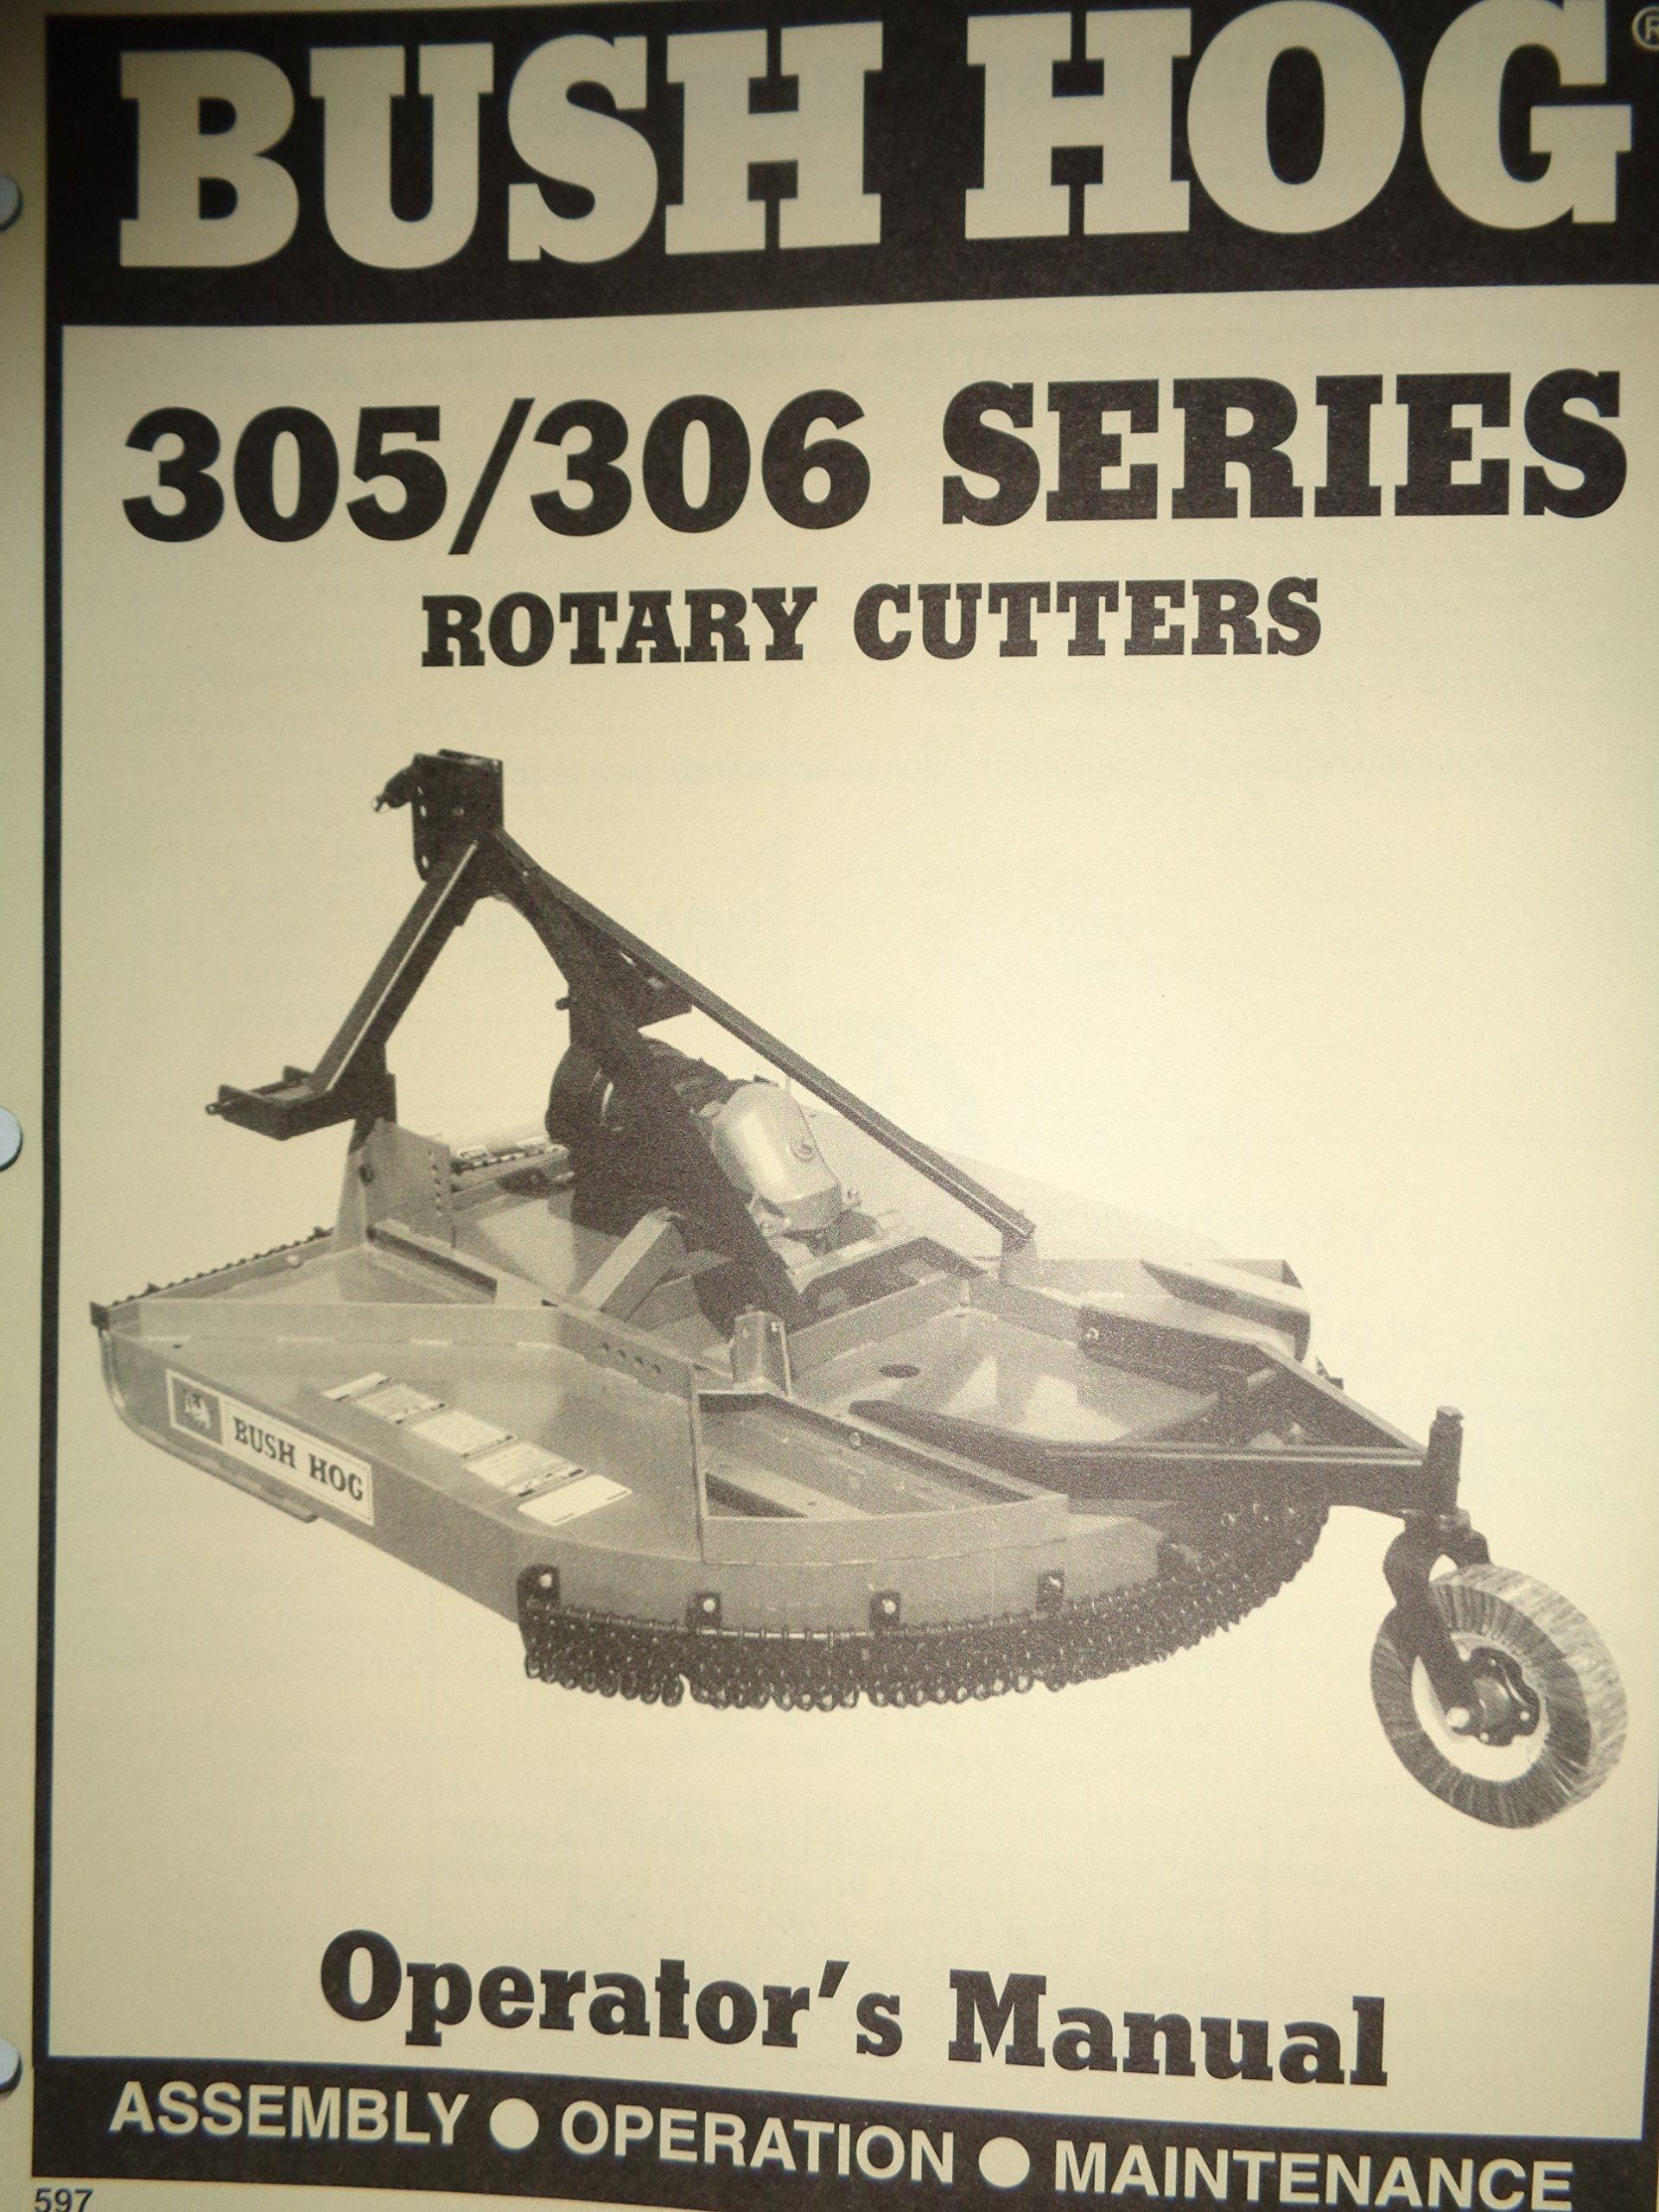 Bush Hog Model 305 306 Rotary Cutter Mower Operators Manual